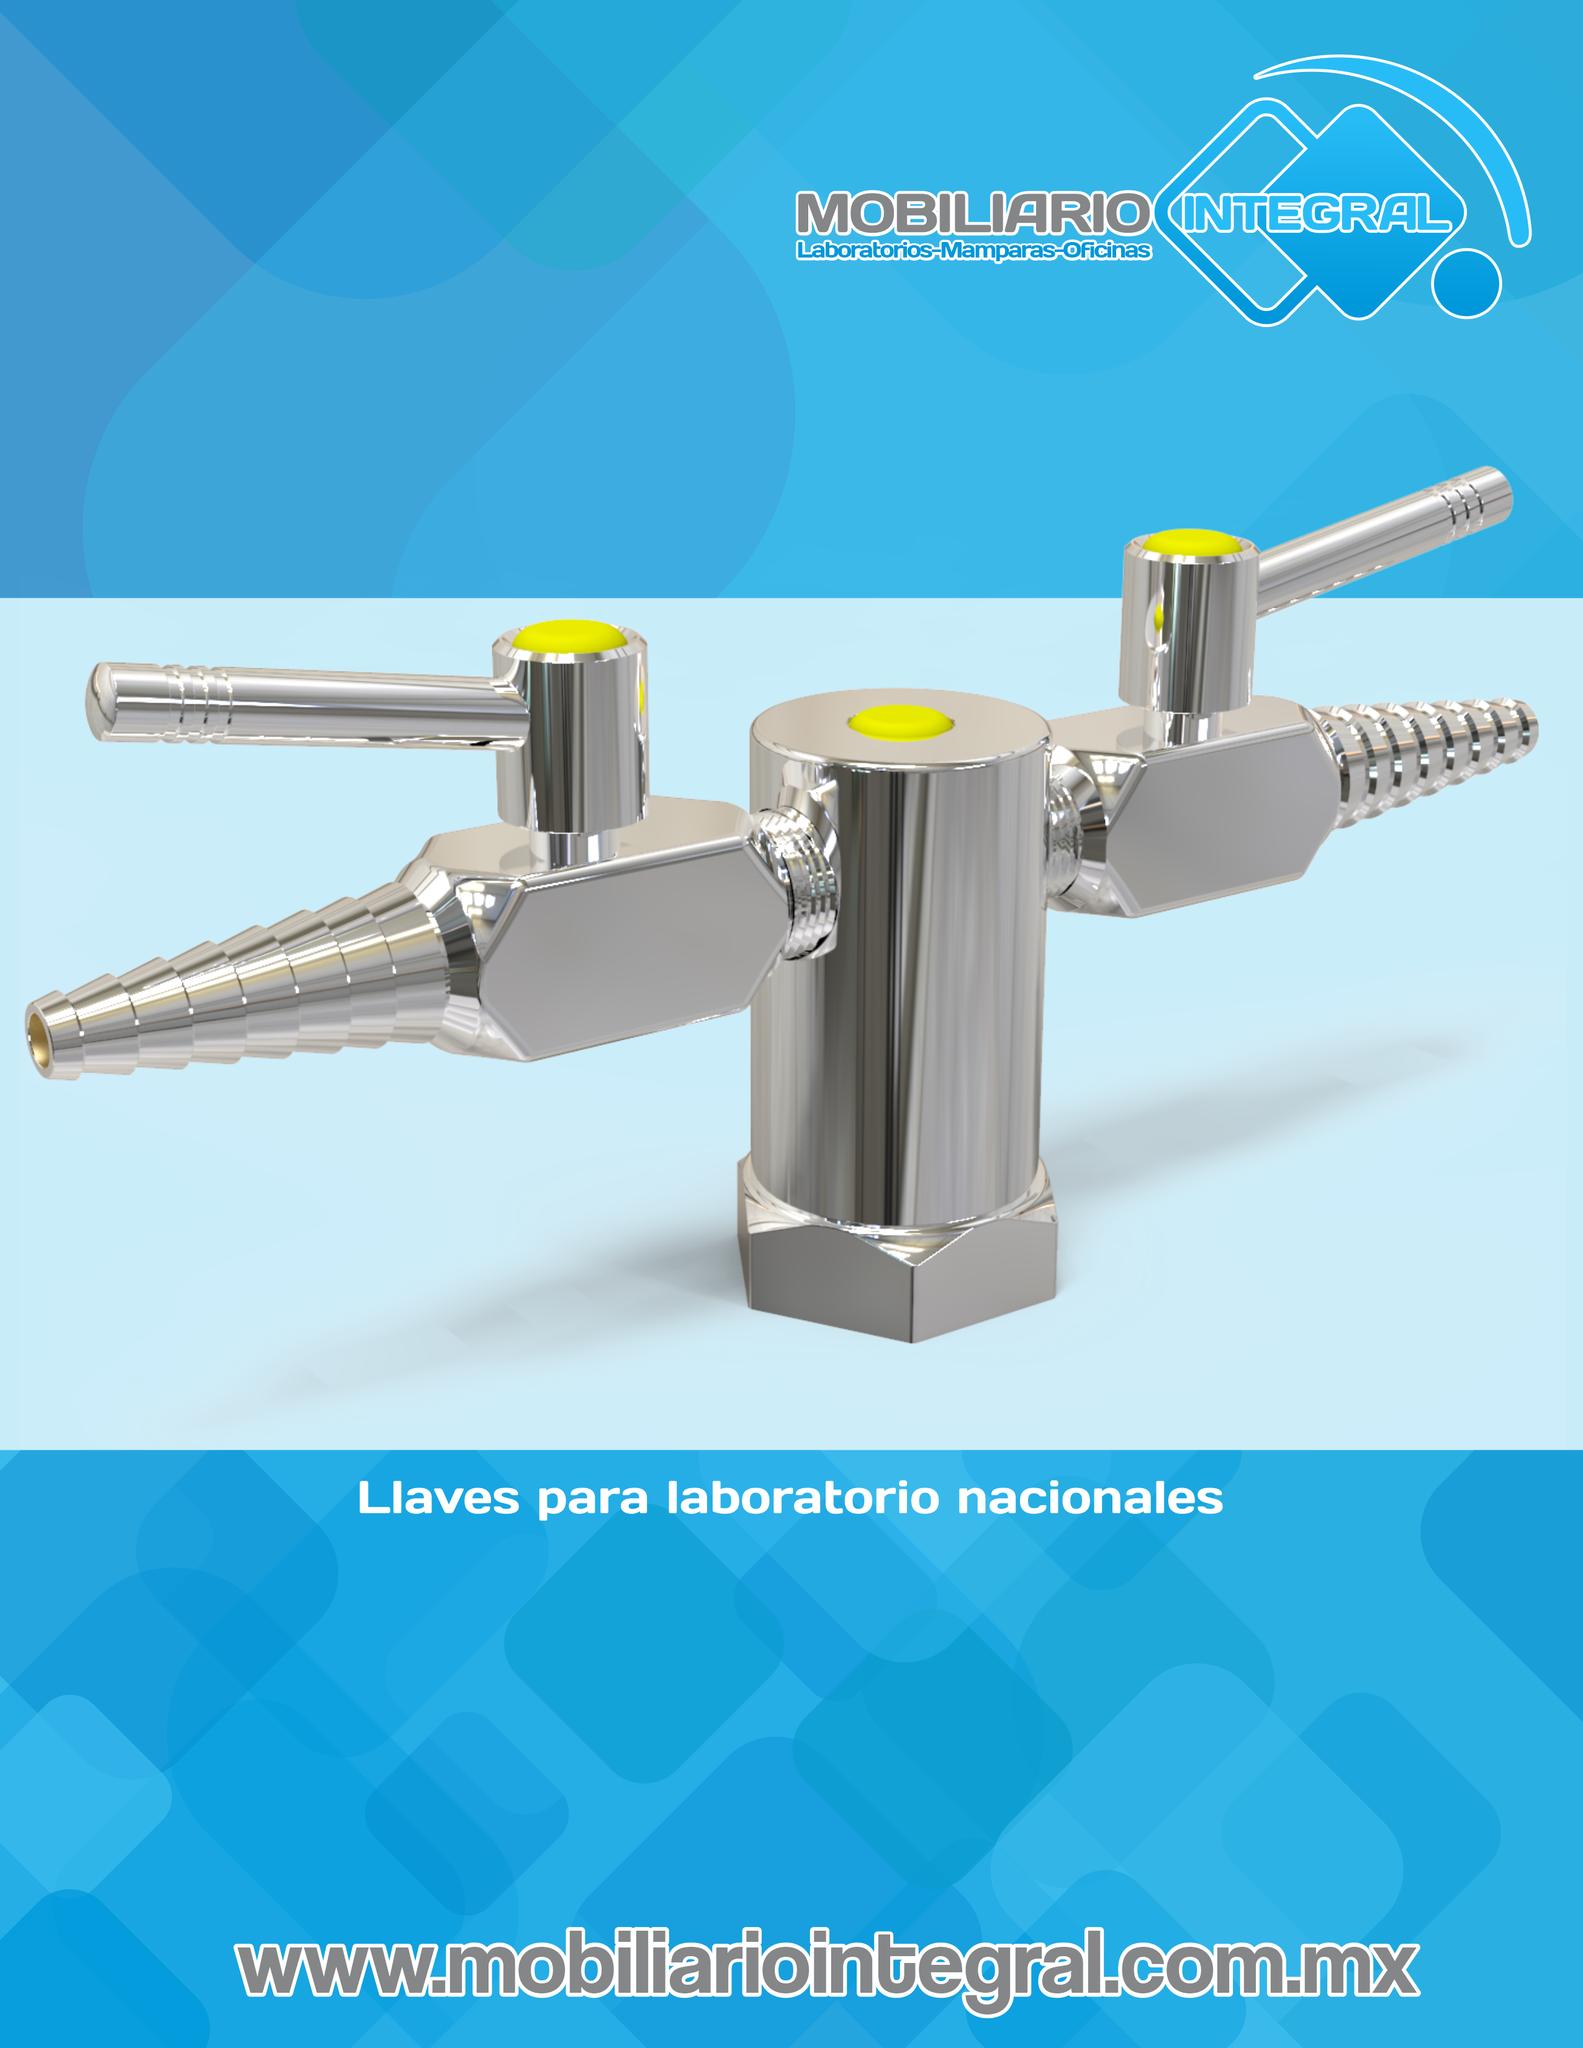 Llaves para laboratorio en Tamaulipas